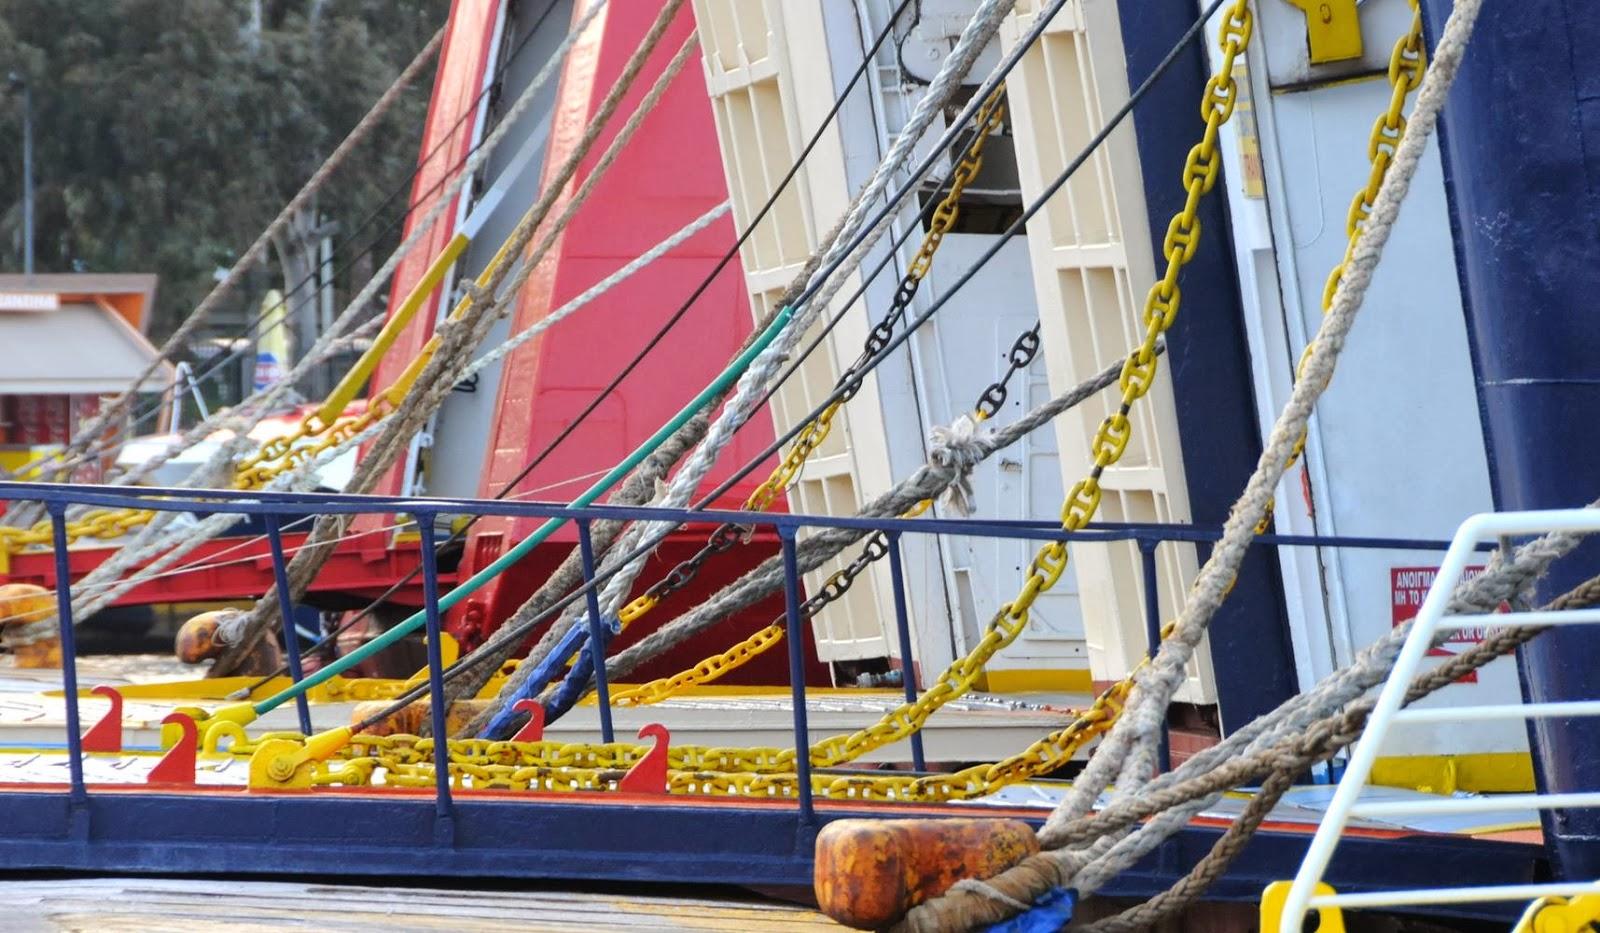 Παρατείνεται η απεργία… χωρίς πλοία και αύριο η Άνδρος